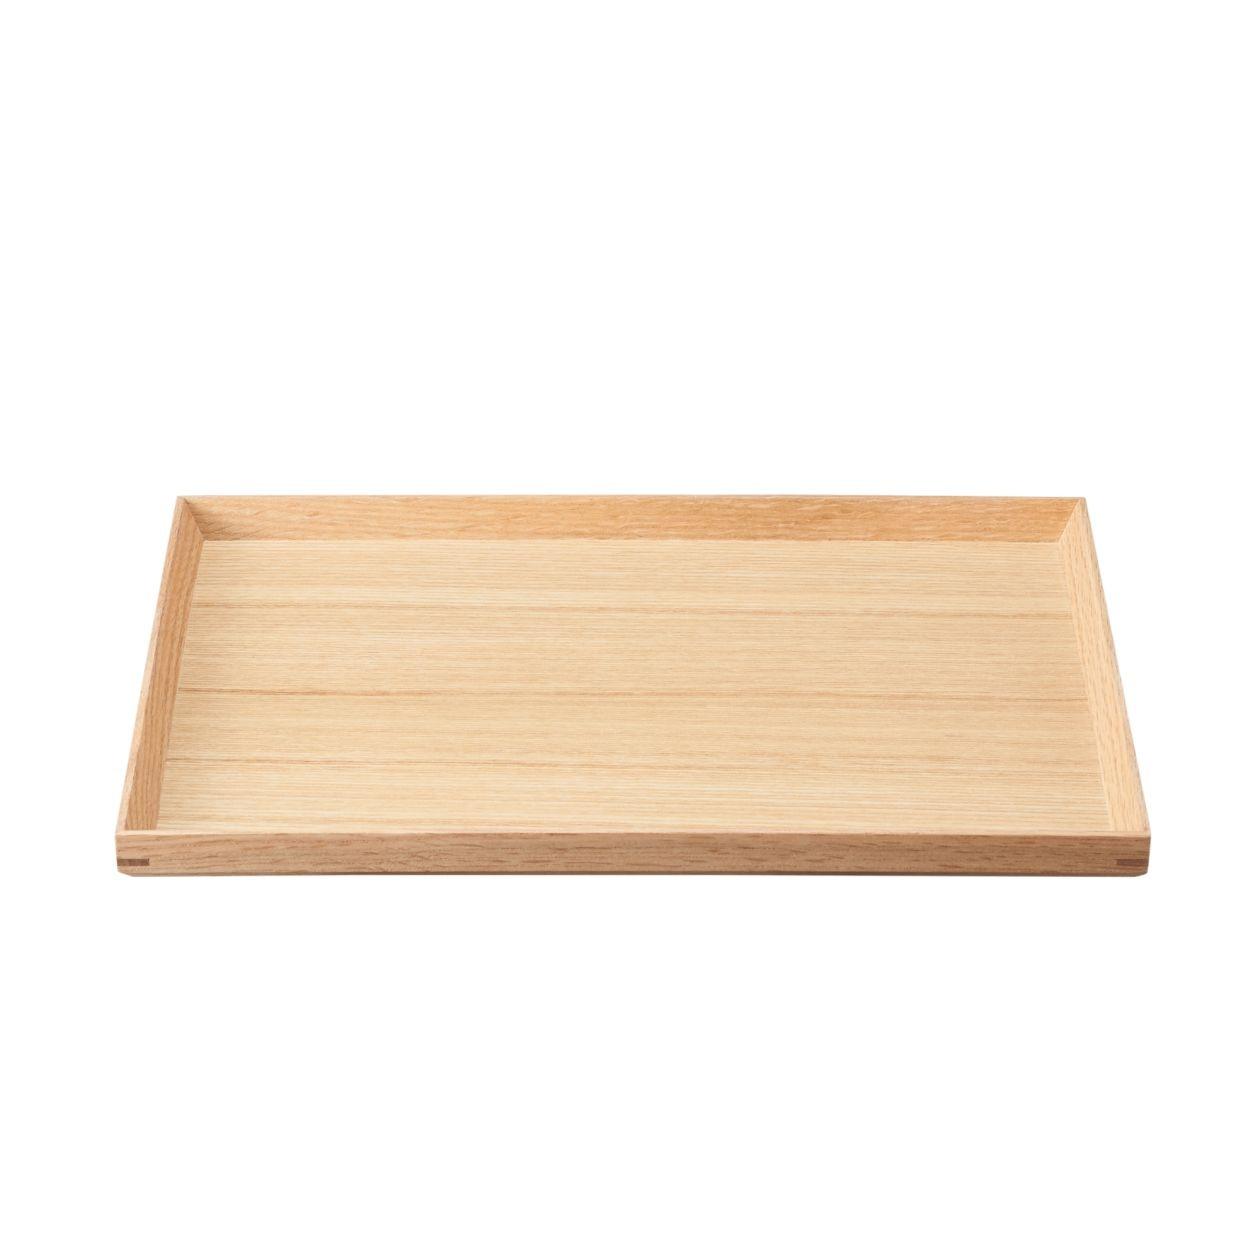 木製 角型トレー 約幅35×奥行26×高さ2cm